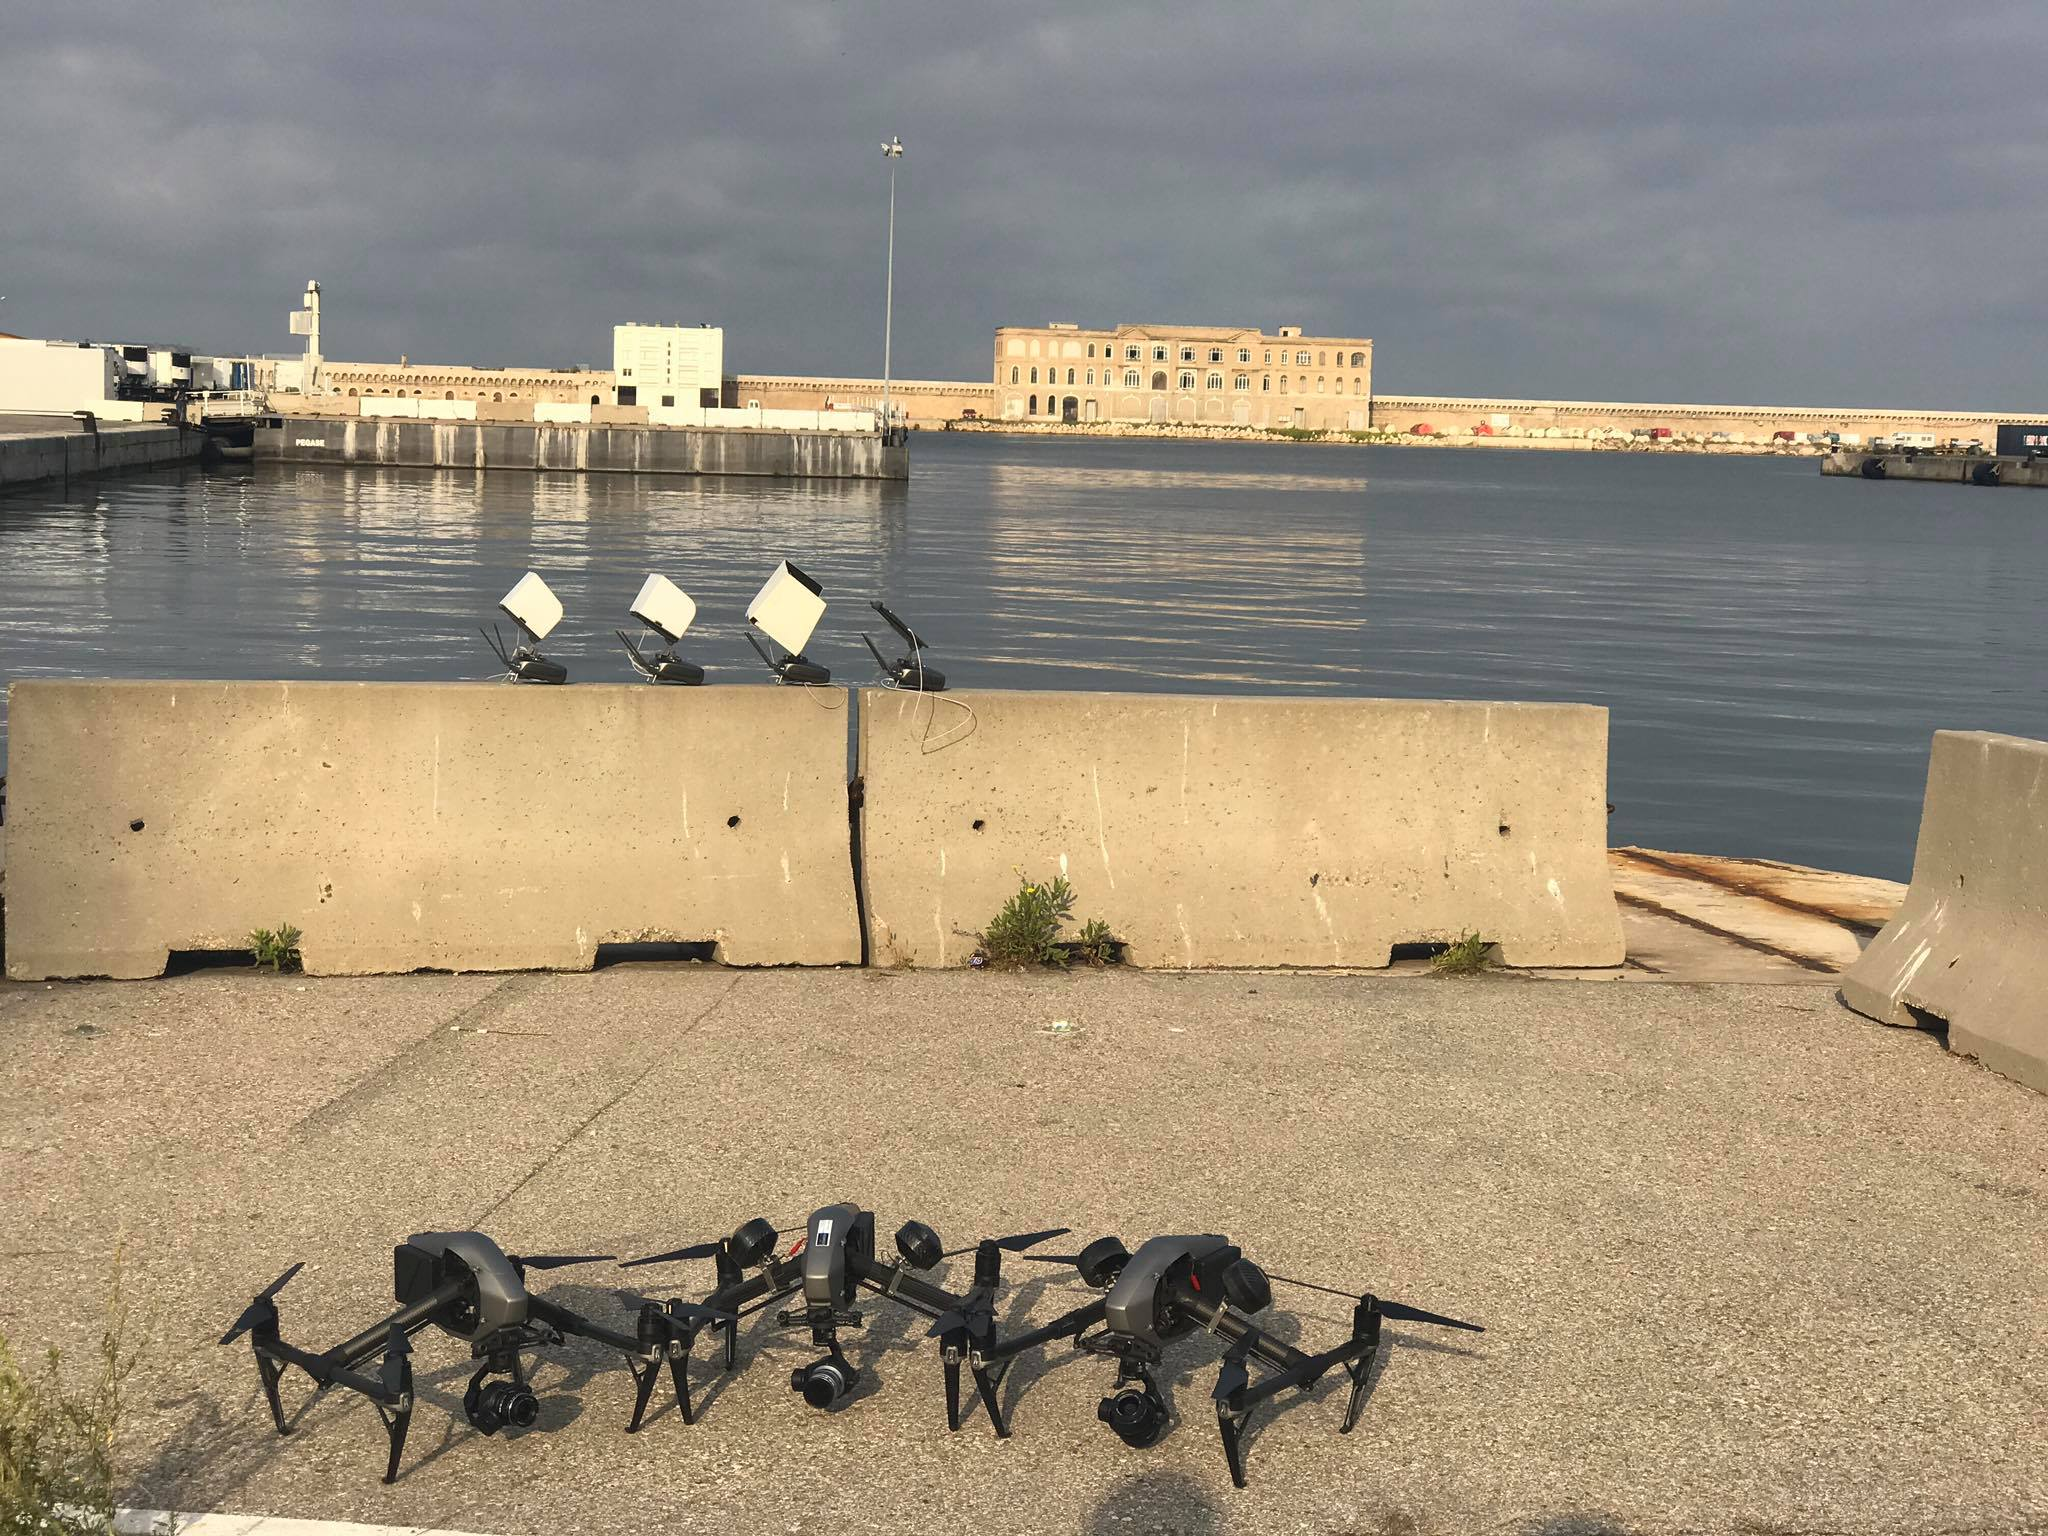 Mission télépilote marseille CMA CGM drone droniste 4